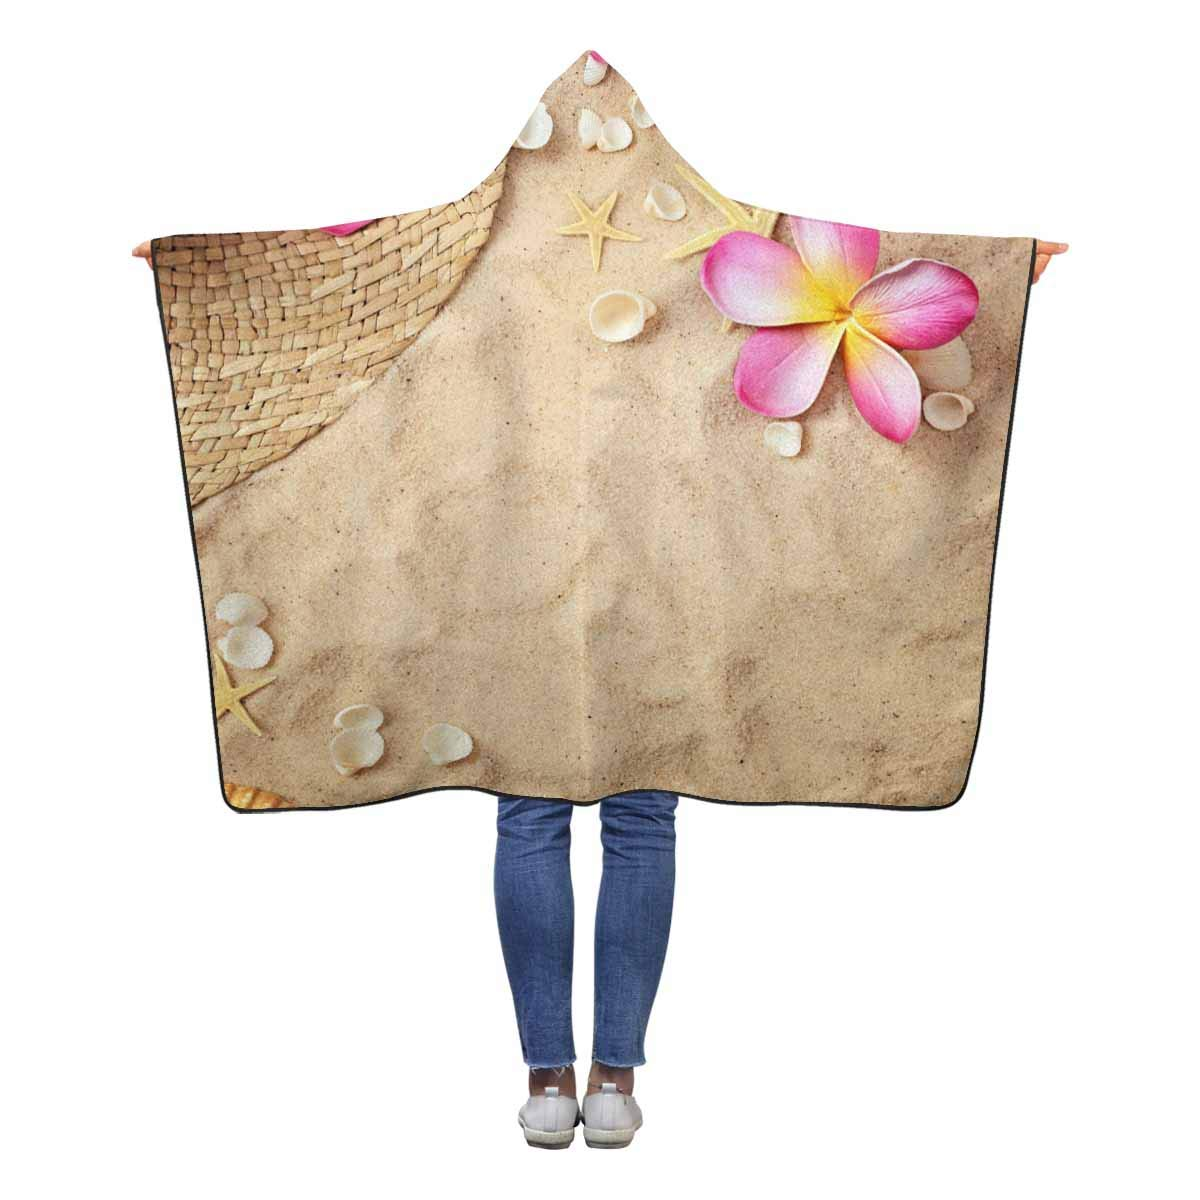 InterestPrint ビーチヤシの木 着用可能なフード付きブランケット 60 x マルチ2 50インチ フード付き 子供 女の子 男の子 50